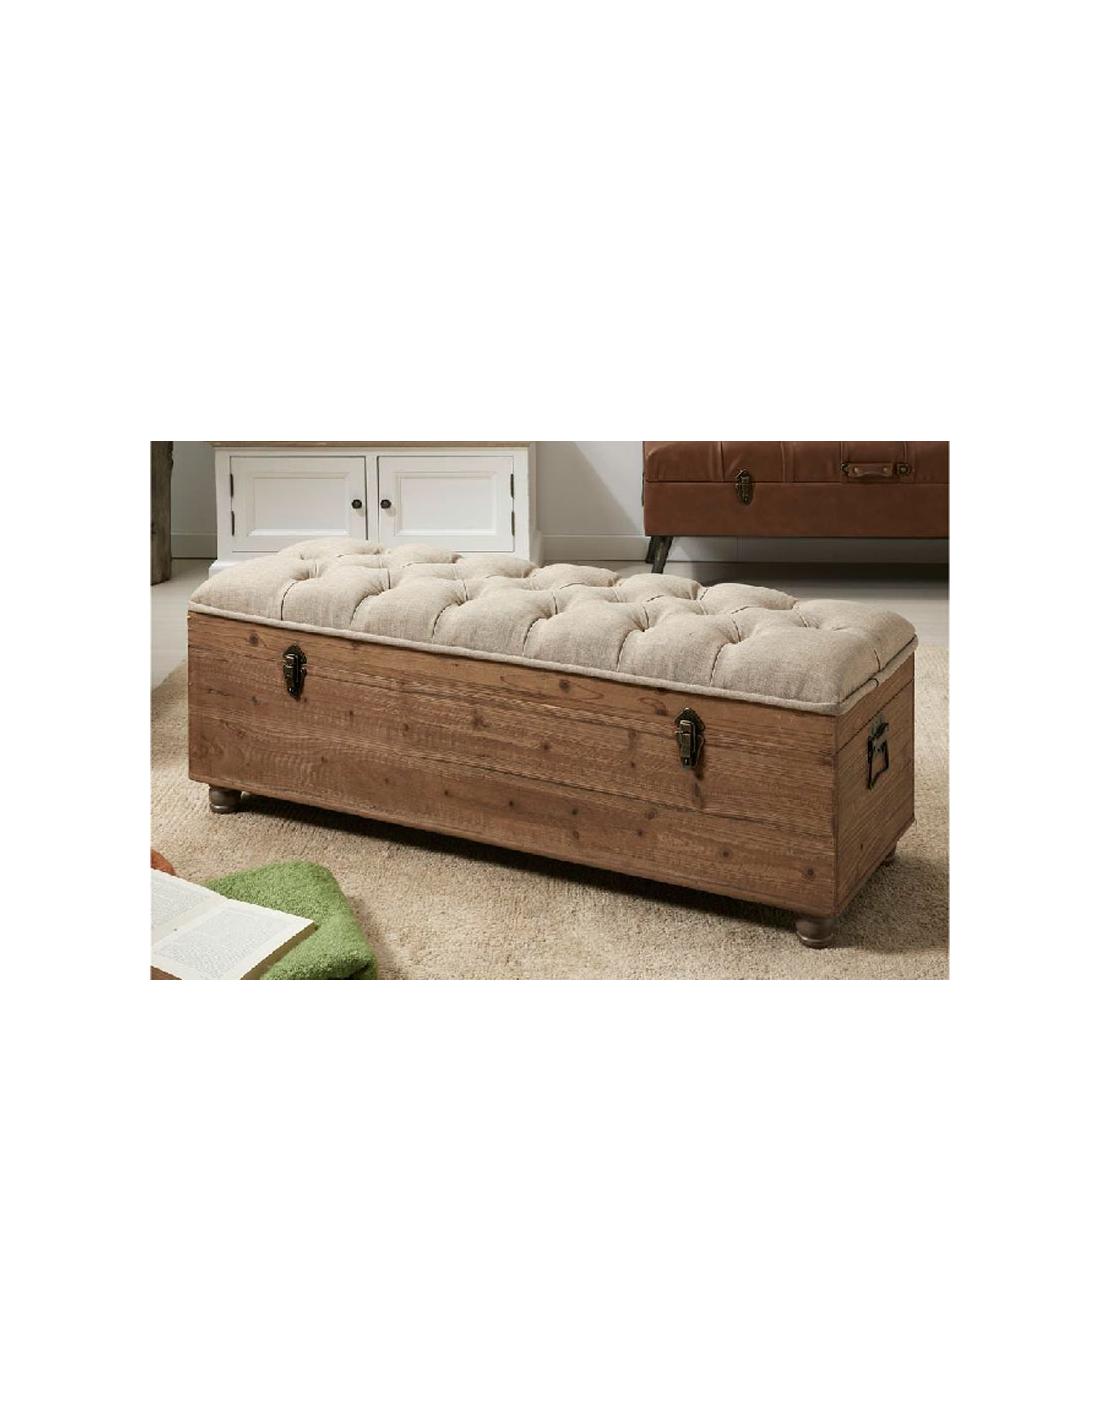 Comprar ba l descalzador con caja de madera y tapizado beige - Como decorar un baul de madera ...